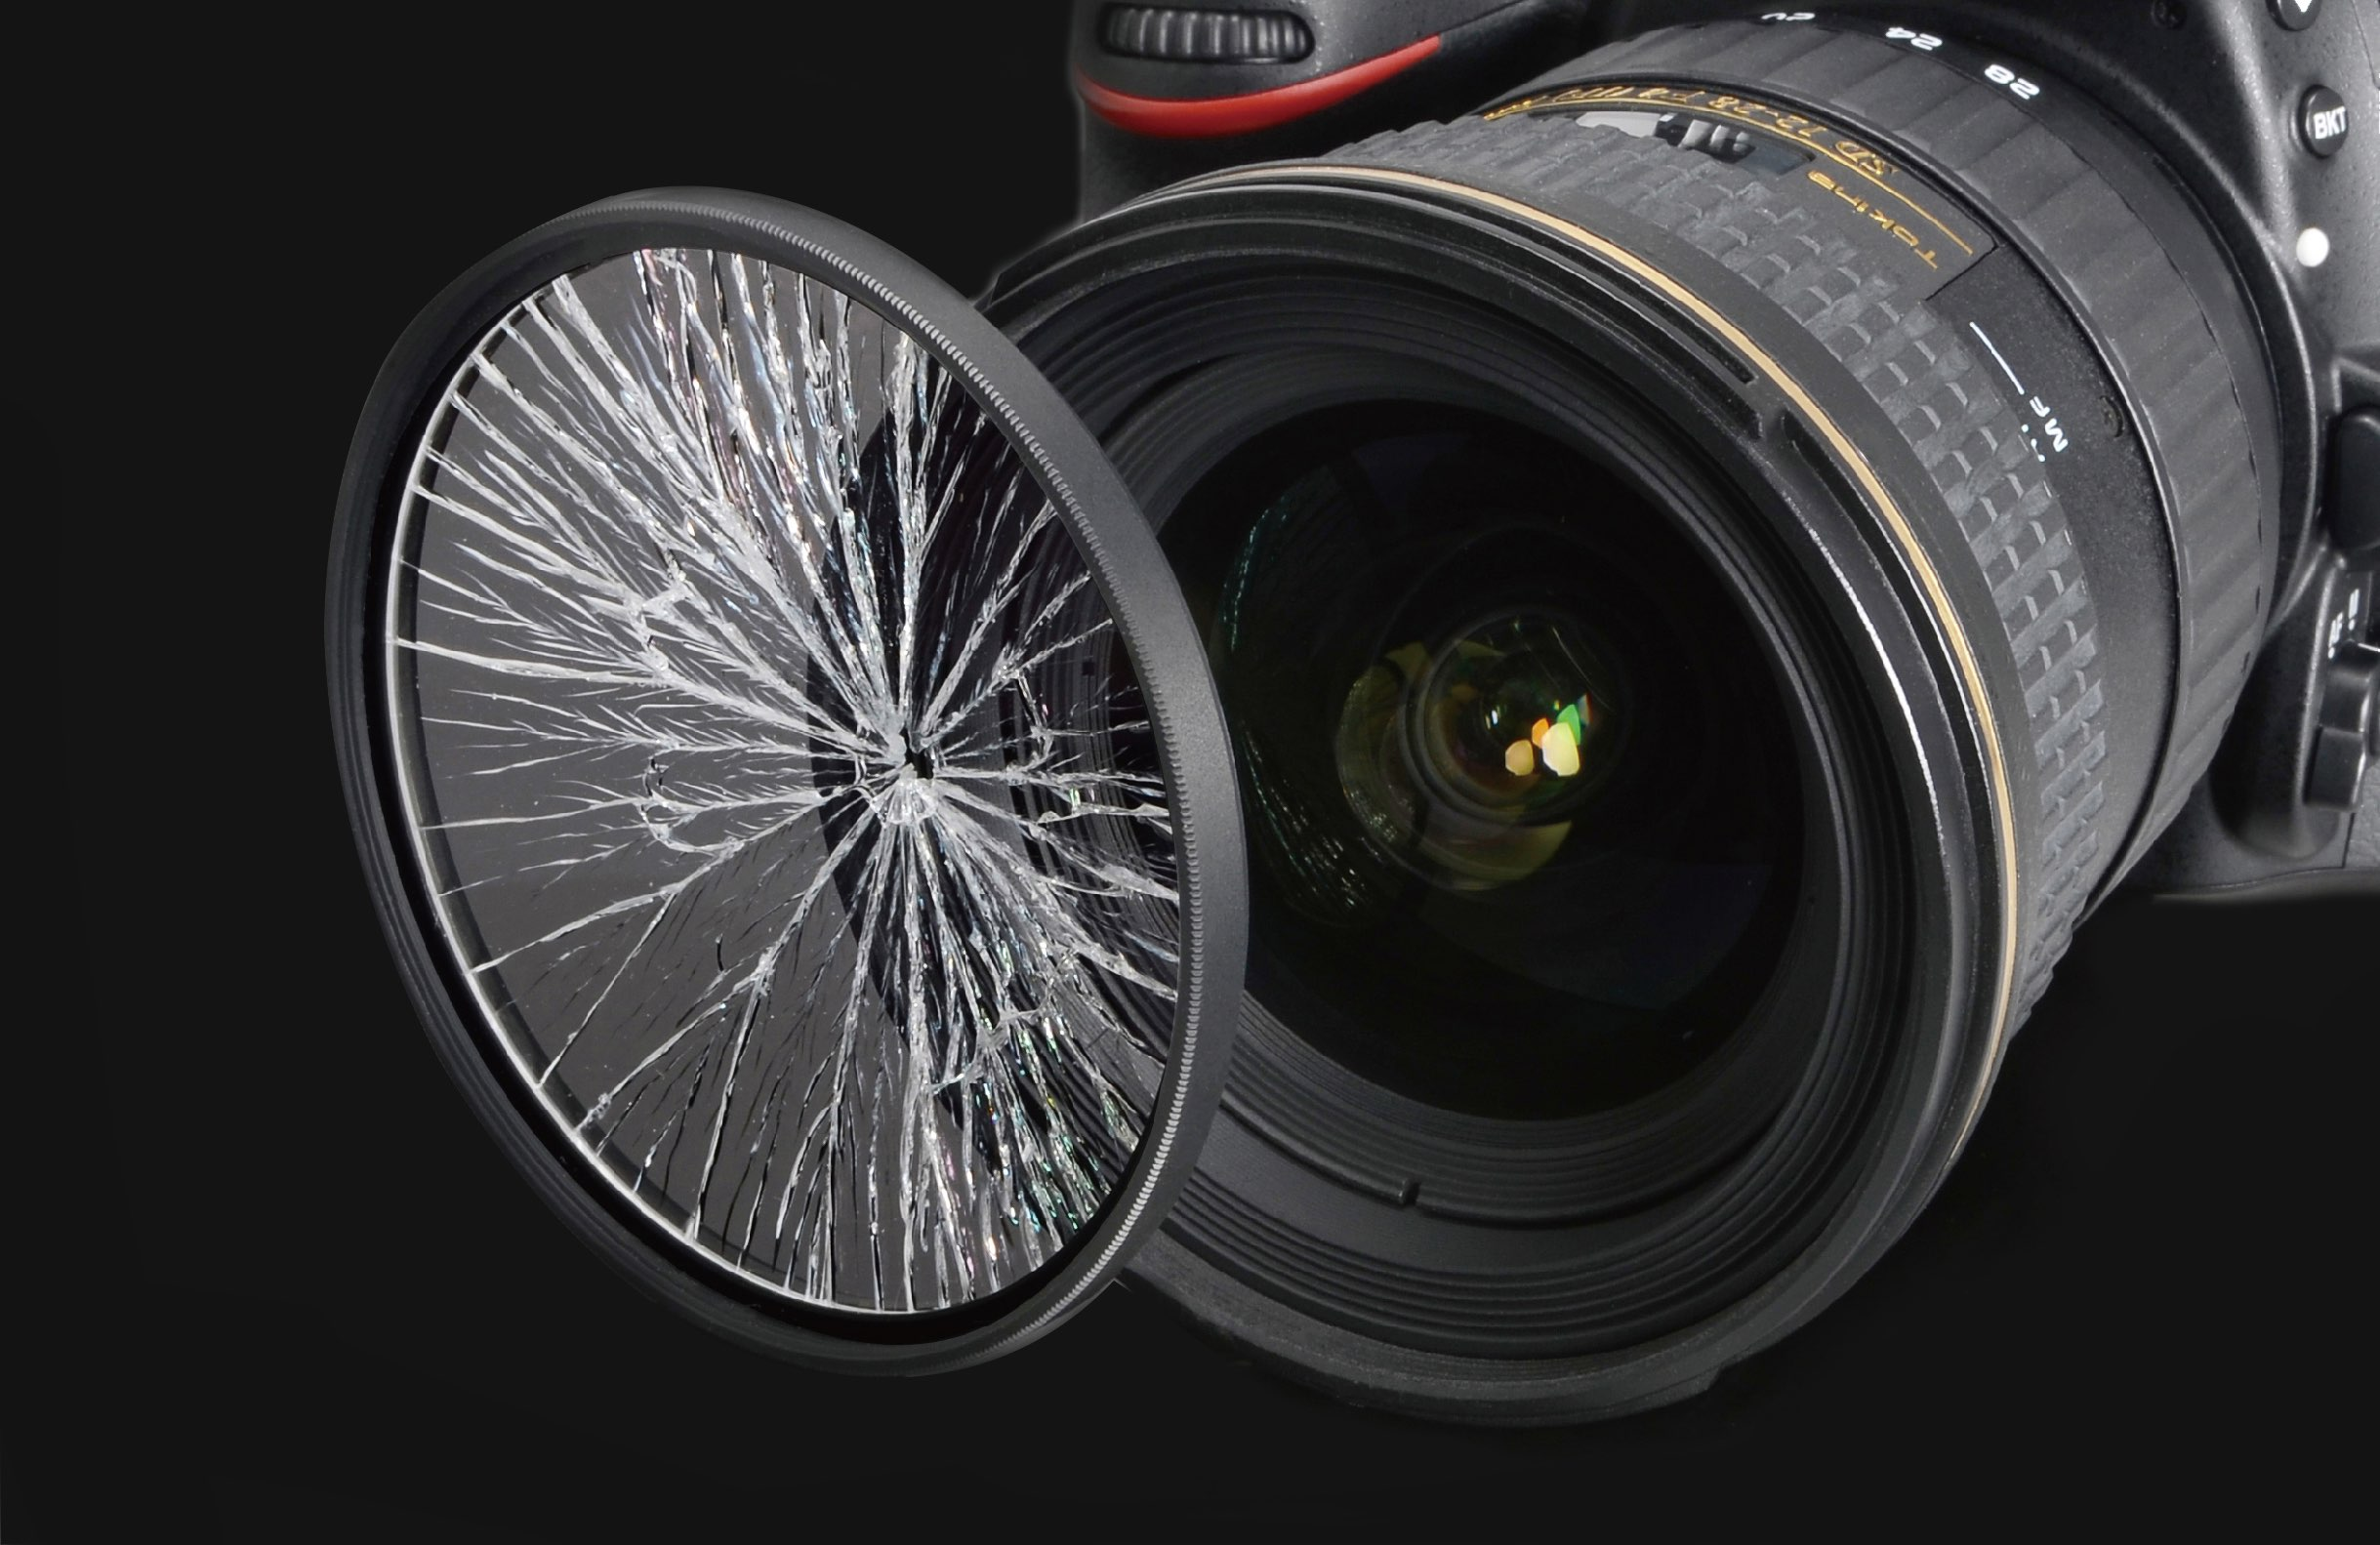 зачем нужен защитный фильтр на объектив